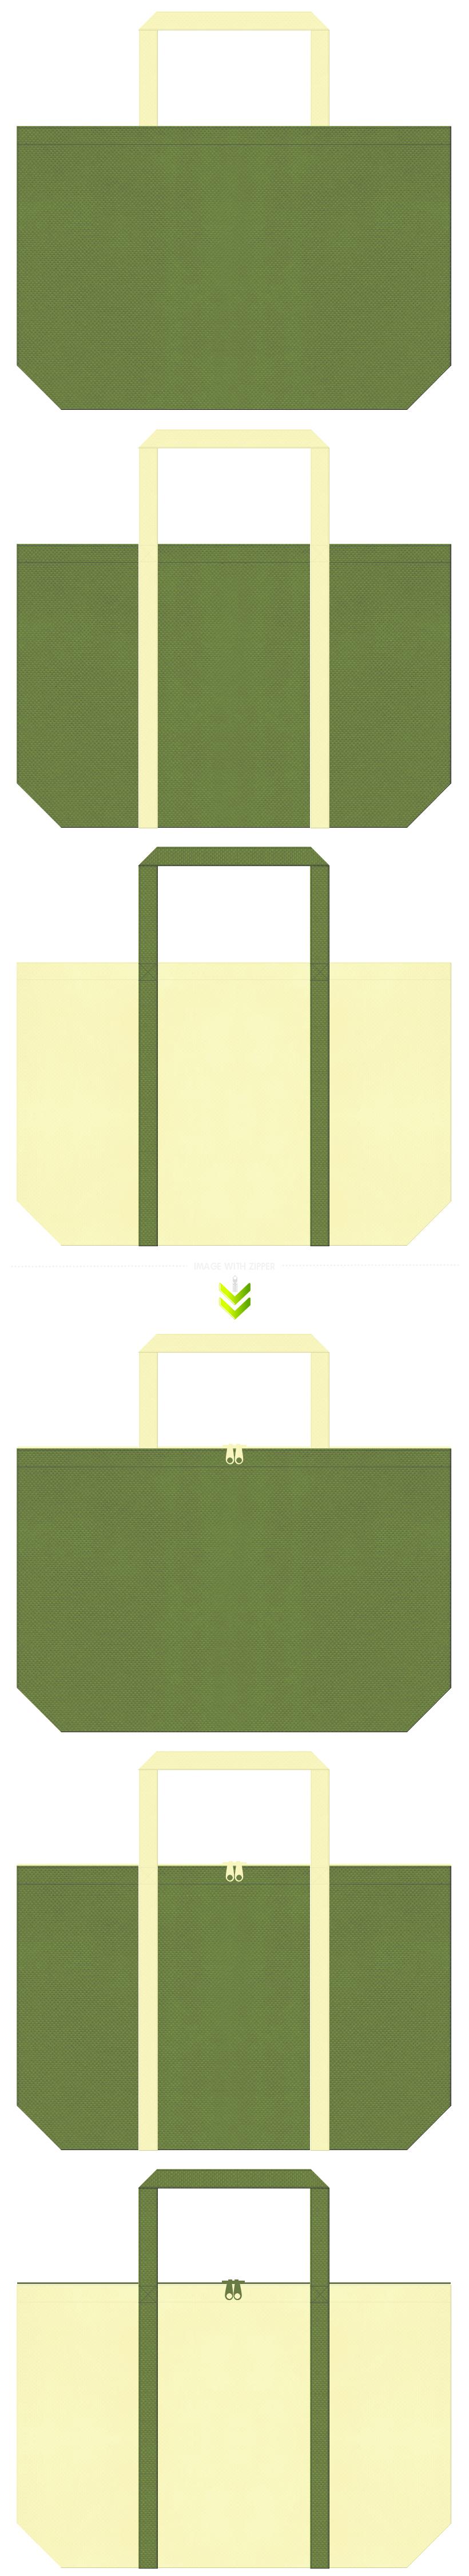 草色と薄黄色の不織布バッグデザイン。お月見風の配色で、和雑貨のショッピングバッグ・着物クリーニングのバッグ、お城イベント、かぐやひめのイメージにお奨めです。